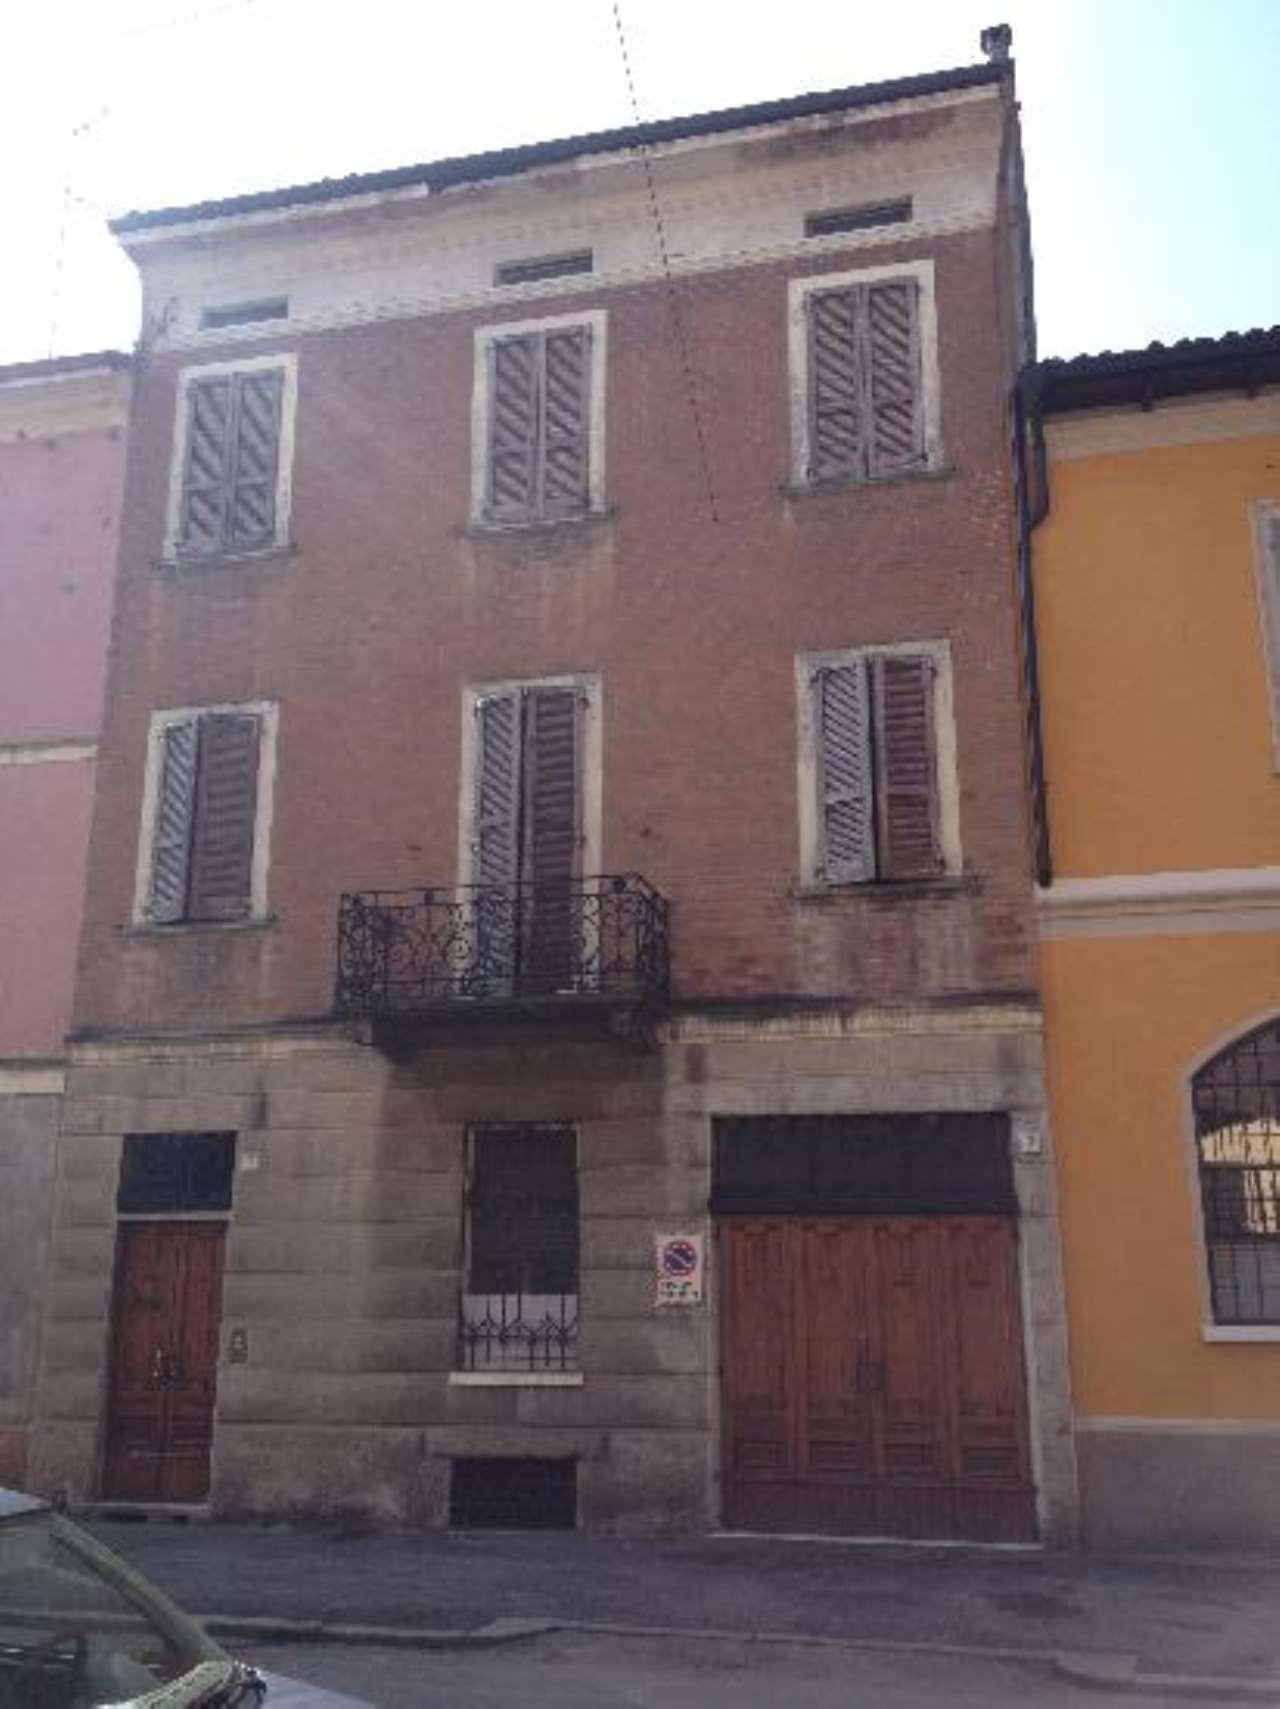 Palazzo / Stabile in vendita a Cremona, 5 locali, prezzo € 350.000 | Cambio Casa.it